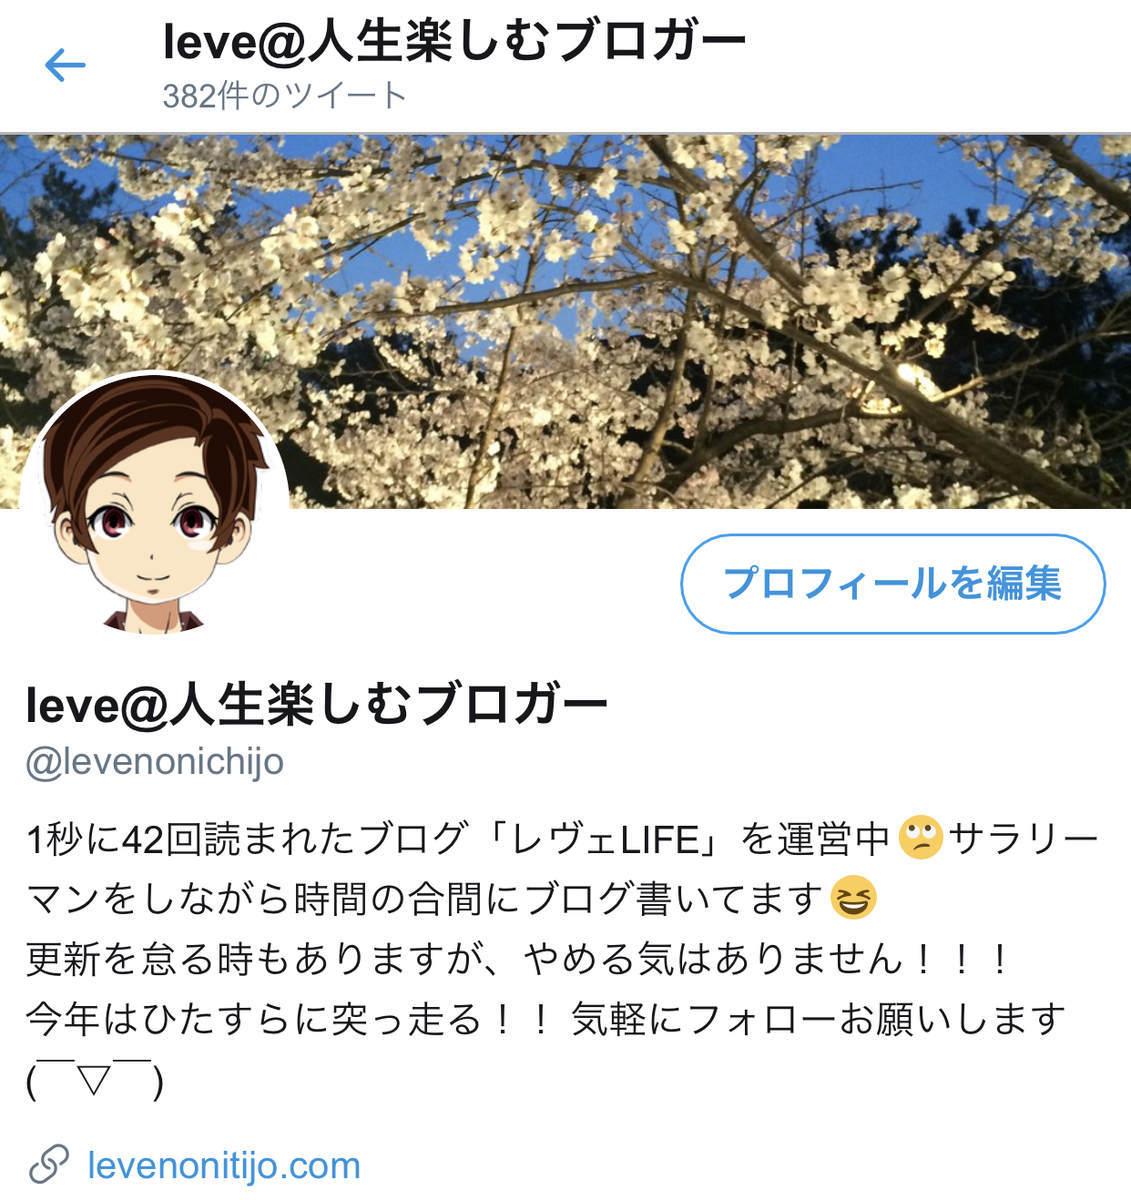 レヴェのTwitterのプロフィール